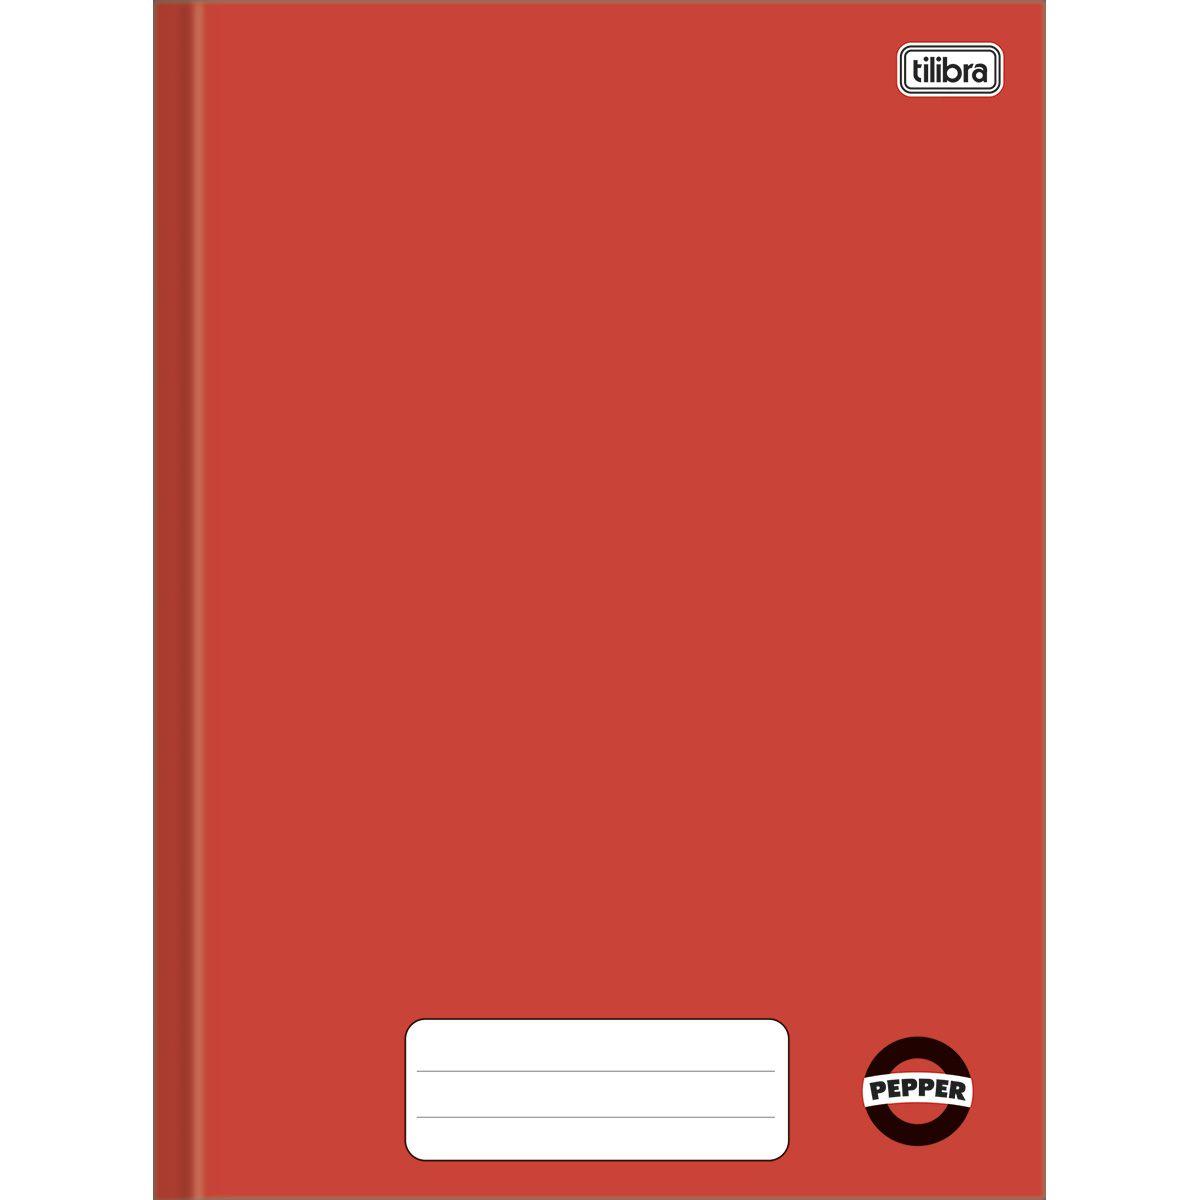 Caderno brochura 40 fls vermelho PEPPER Tilibra